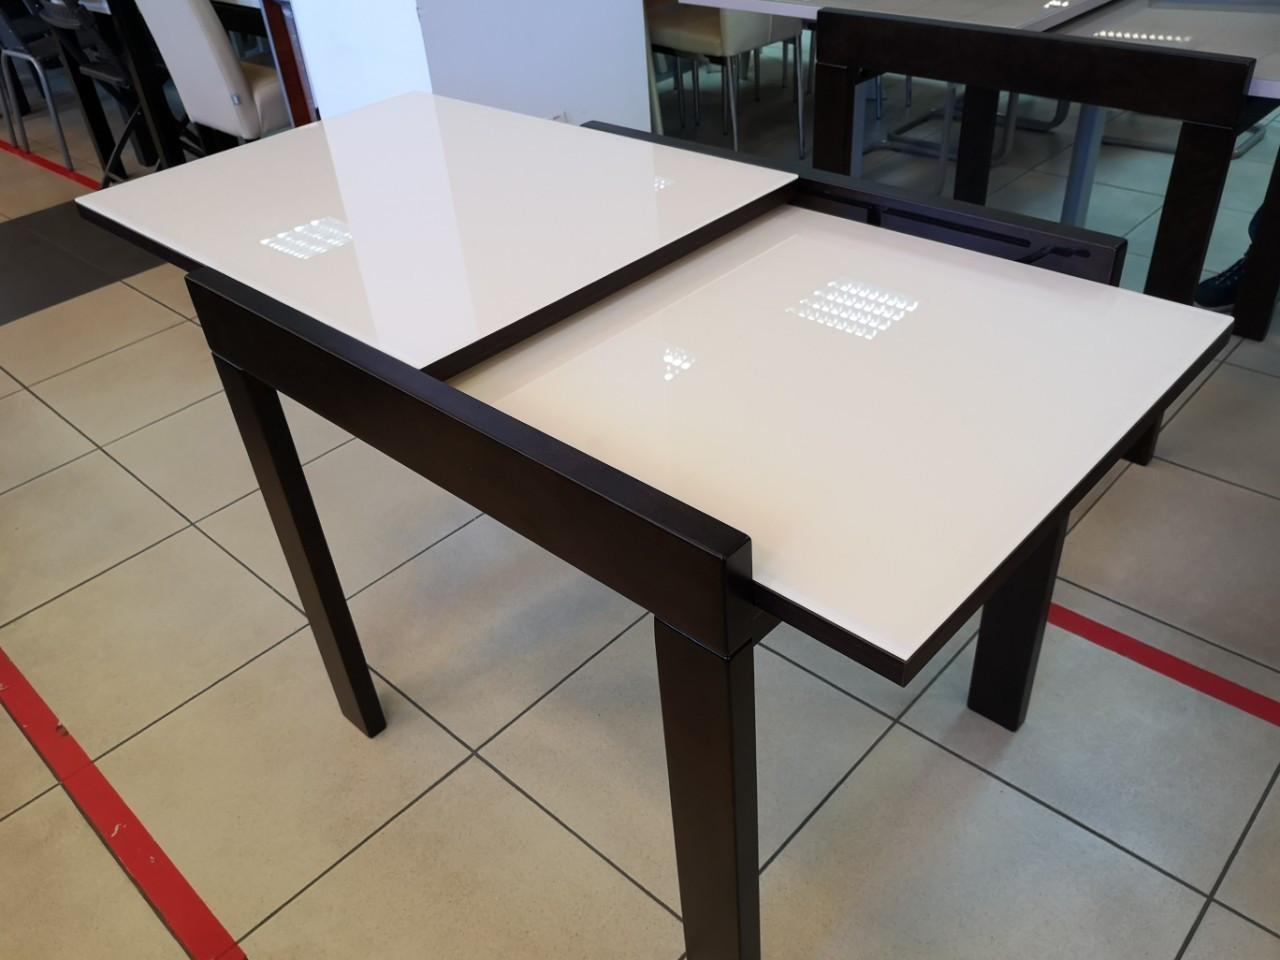 Стол-трансформер Слайдер 815 + стекло (ассортимент цветов)